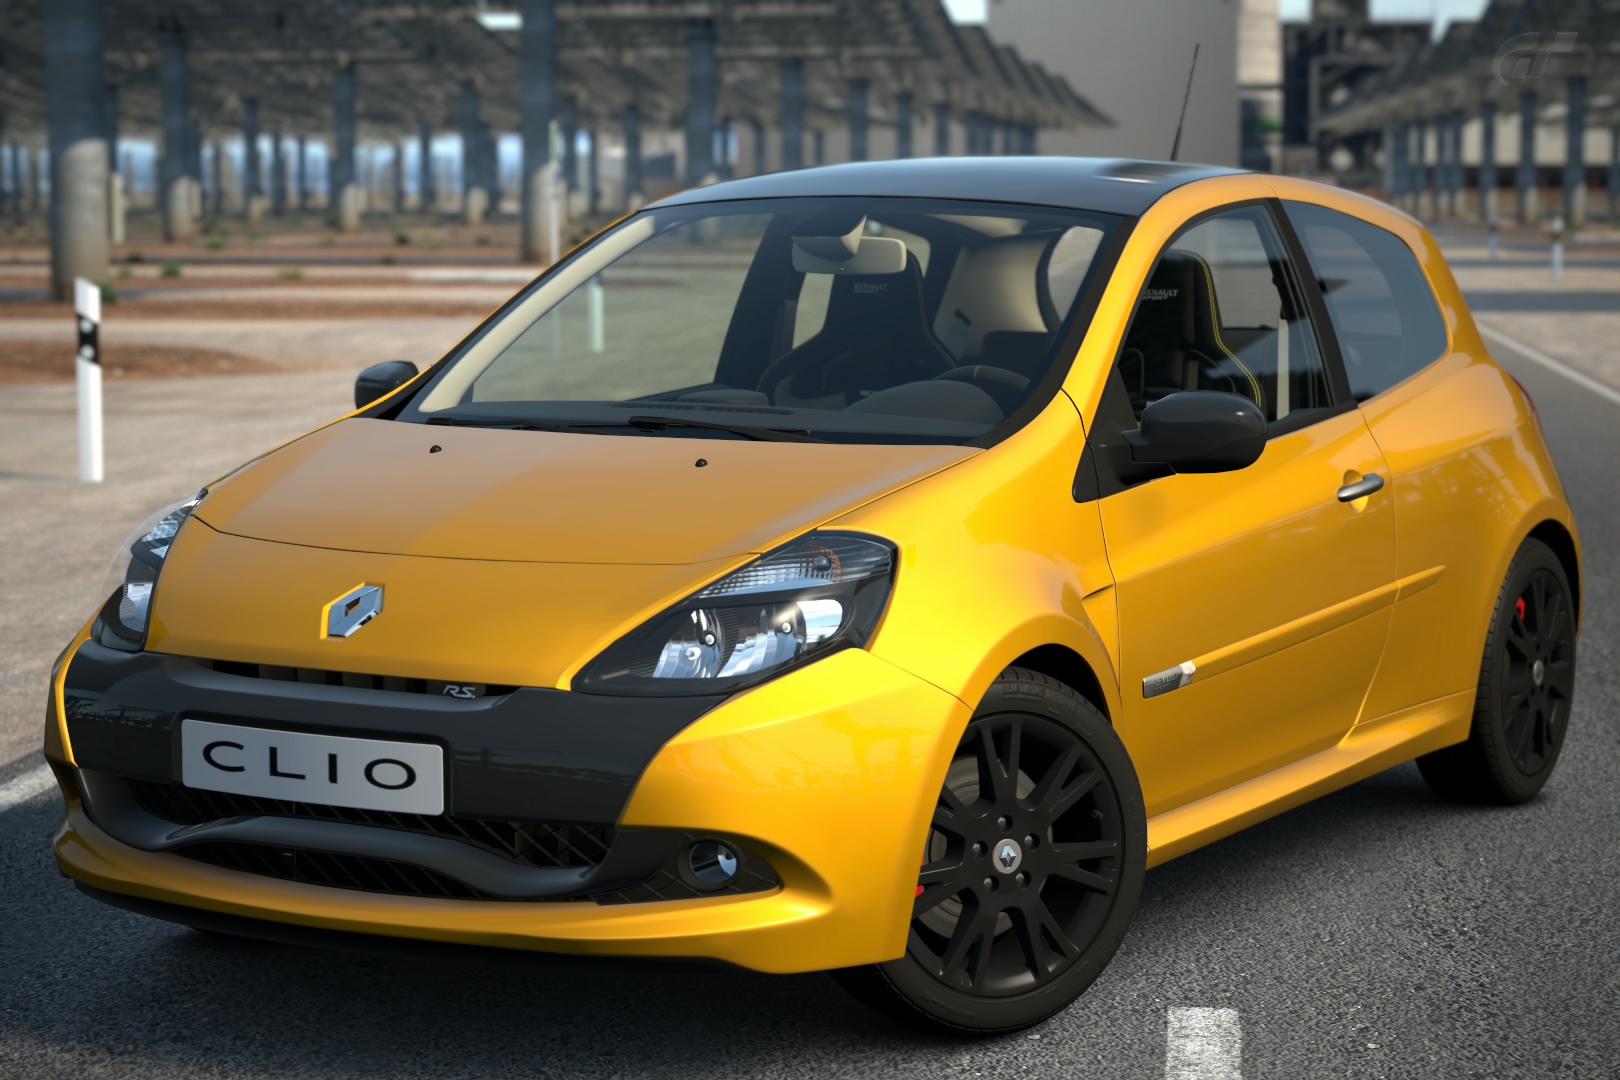 Renault Sport Clio R S 11 Gran Turismo Wiki Fandom